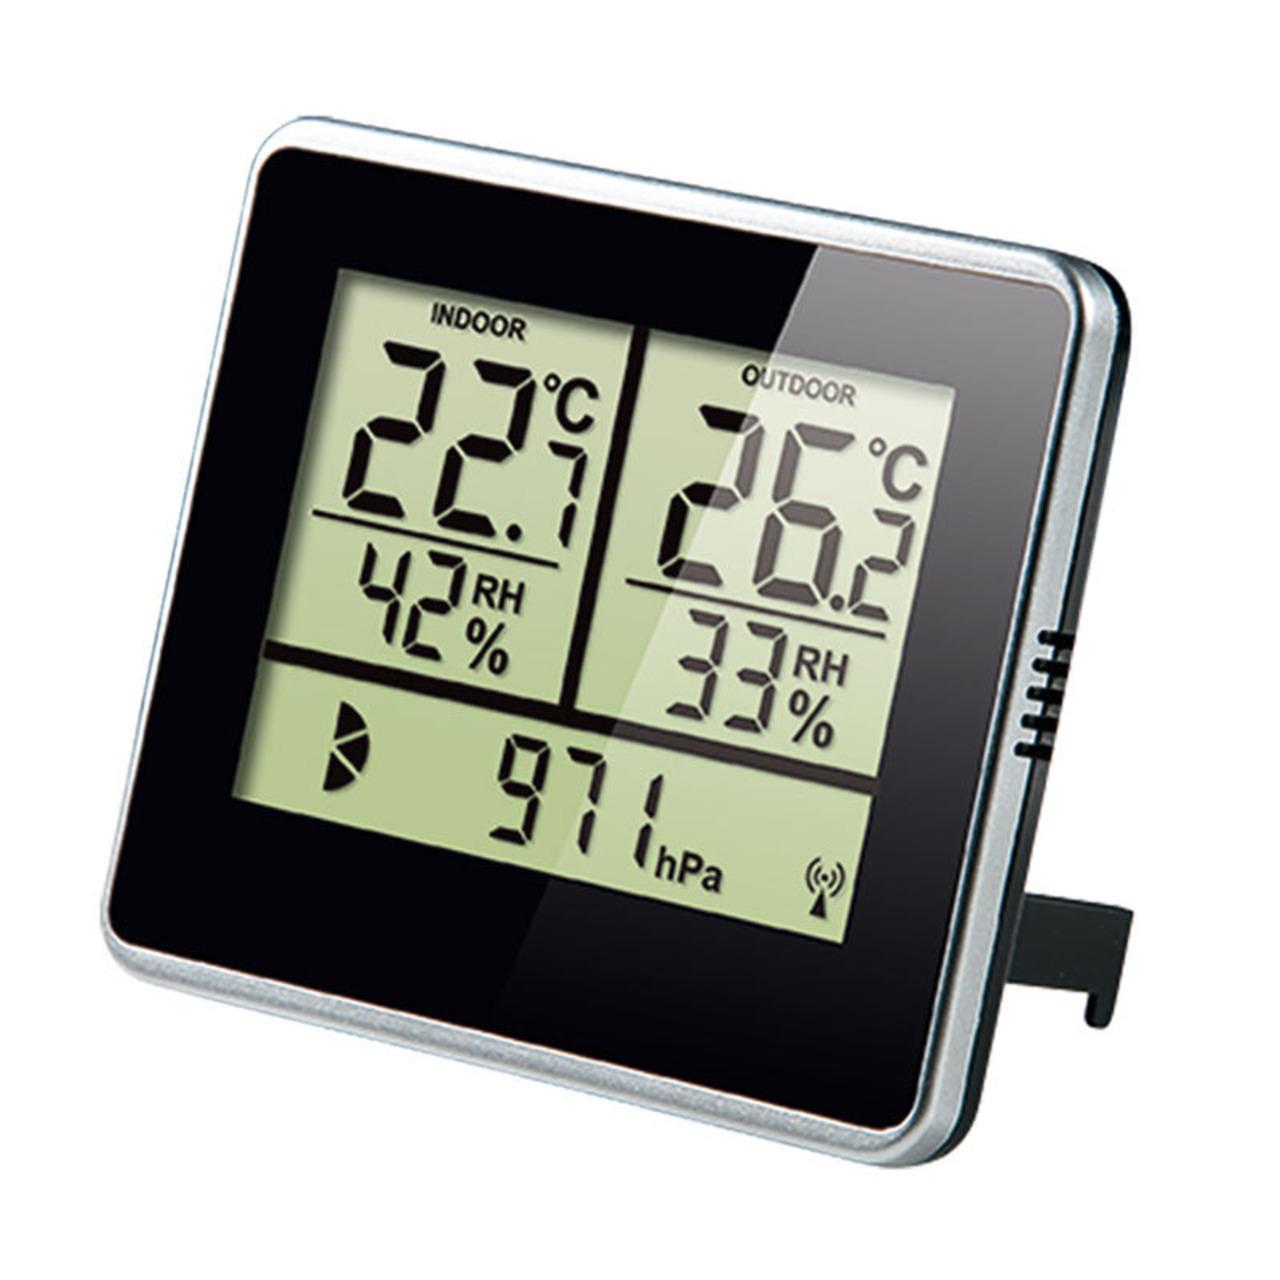 ELV Homematic Bausatz Wetterdaten-Anzeige WA100HM für Smart Home - Hausautomation